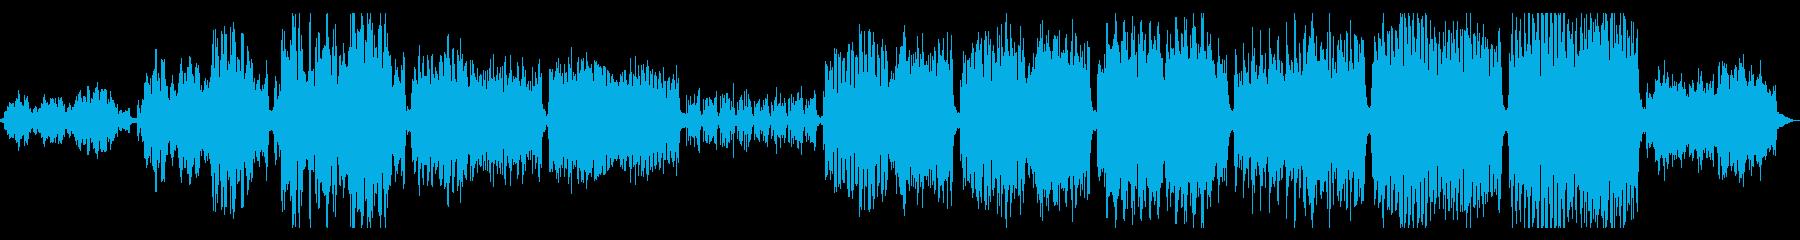 重厚感のあるCM,企業動画向けオケ曲の再生済みの波形